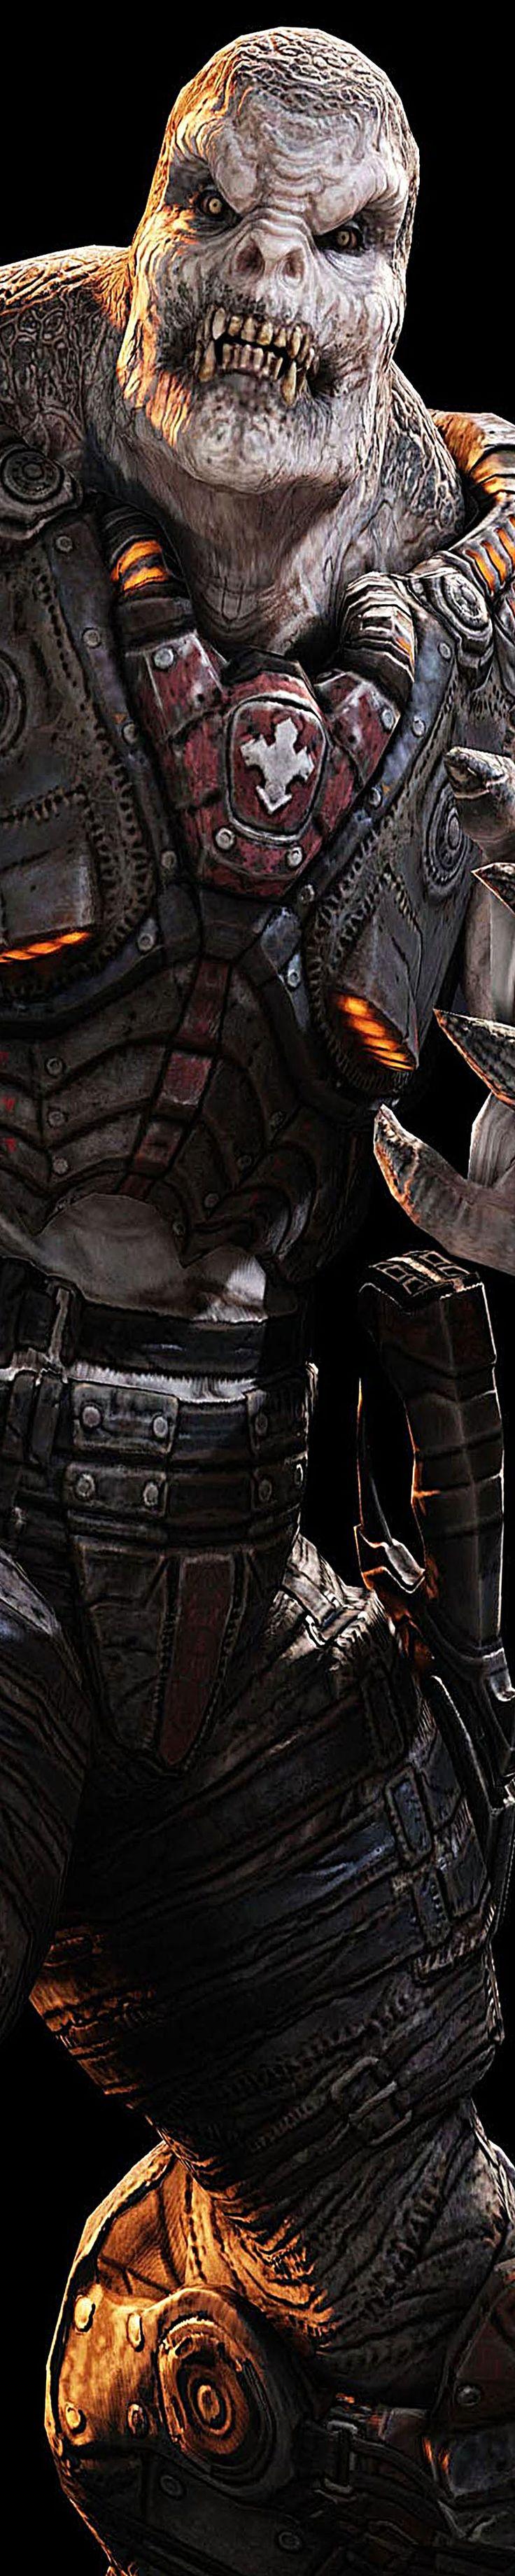 Gears Of War 3 - Drones